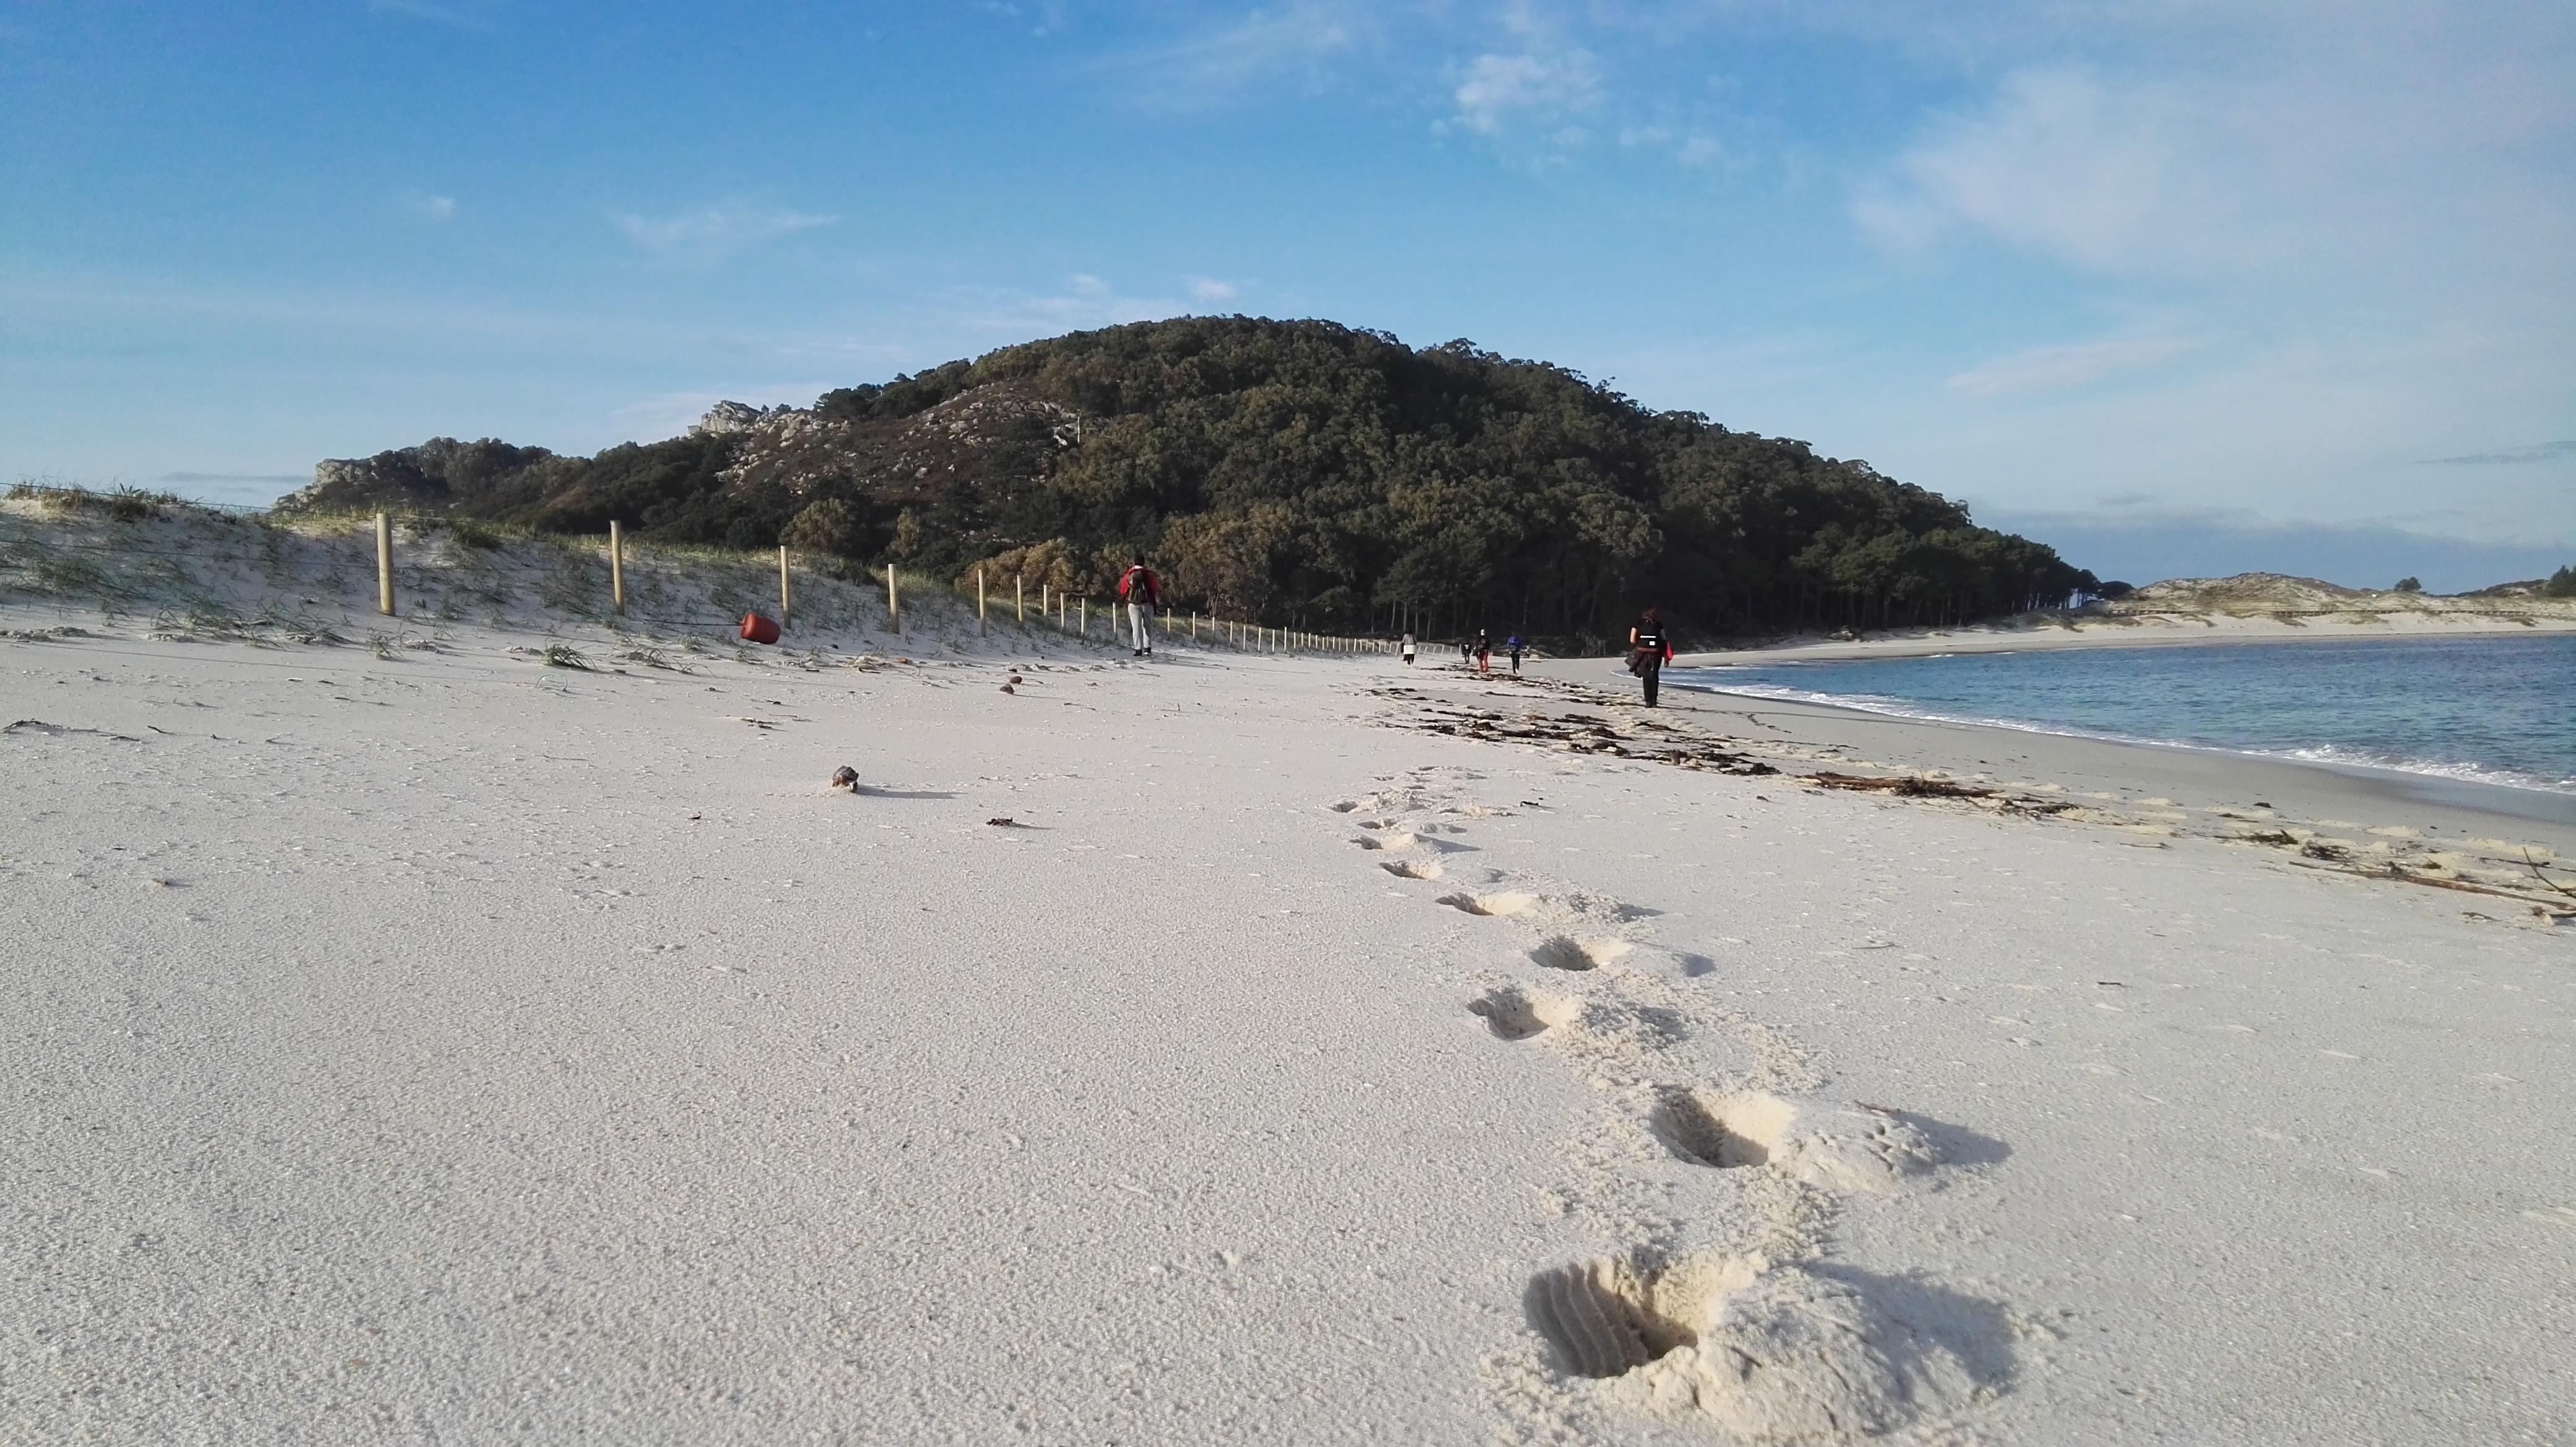 Turismo sostenible en Galicia Cies